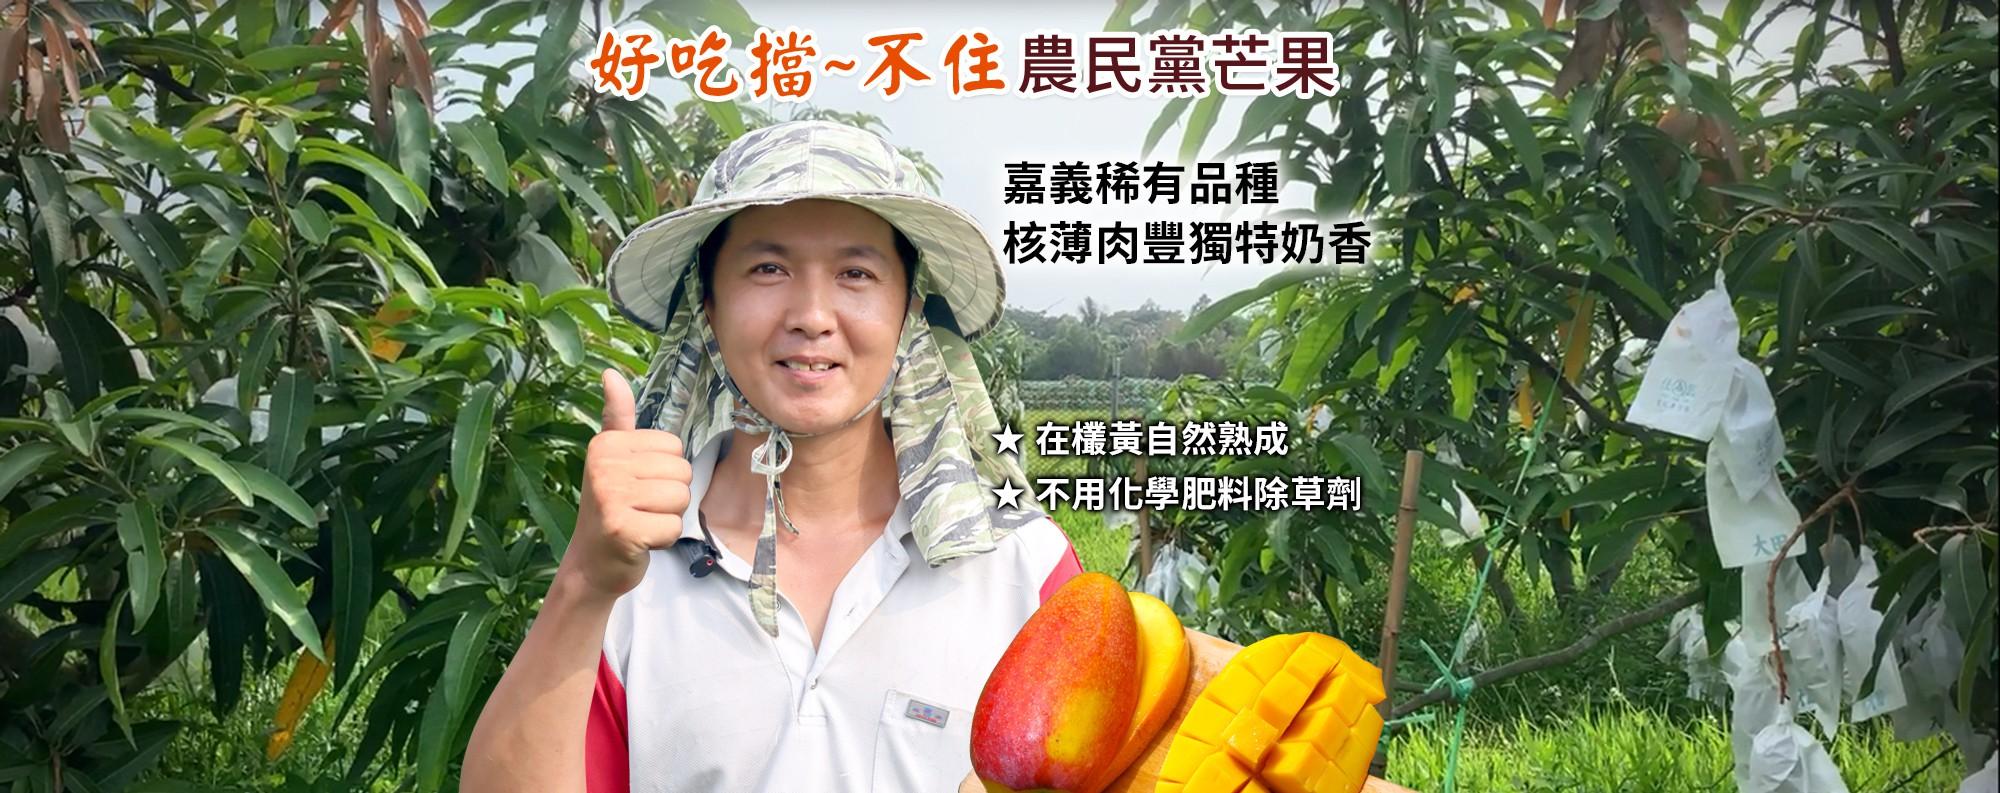 【好吃擋~不住】農民黨芒果